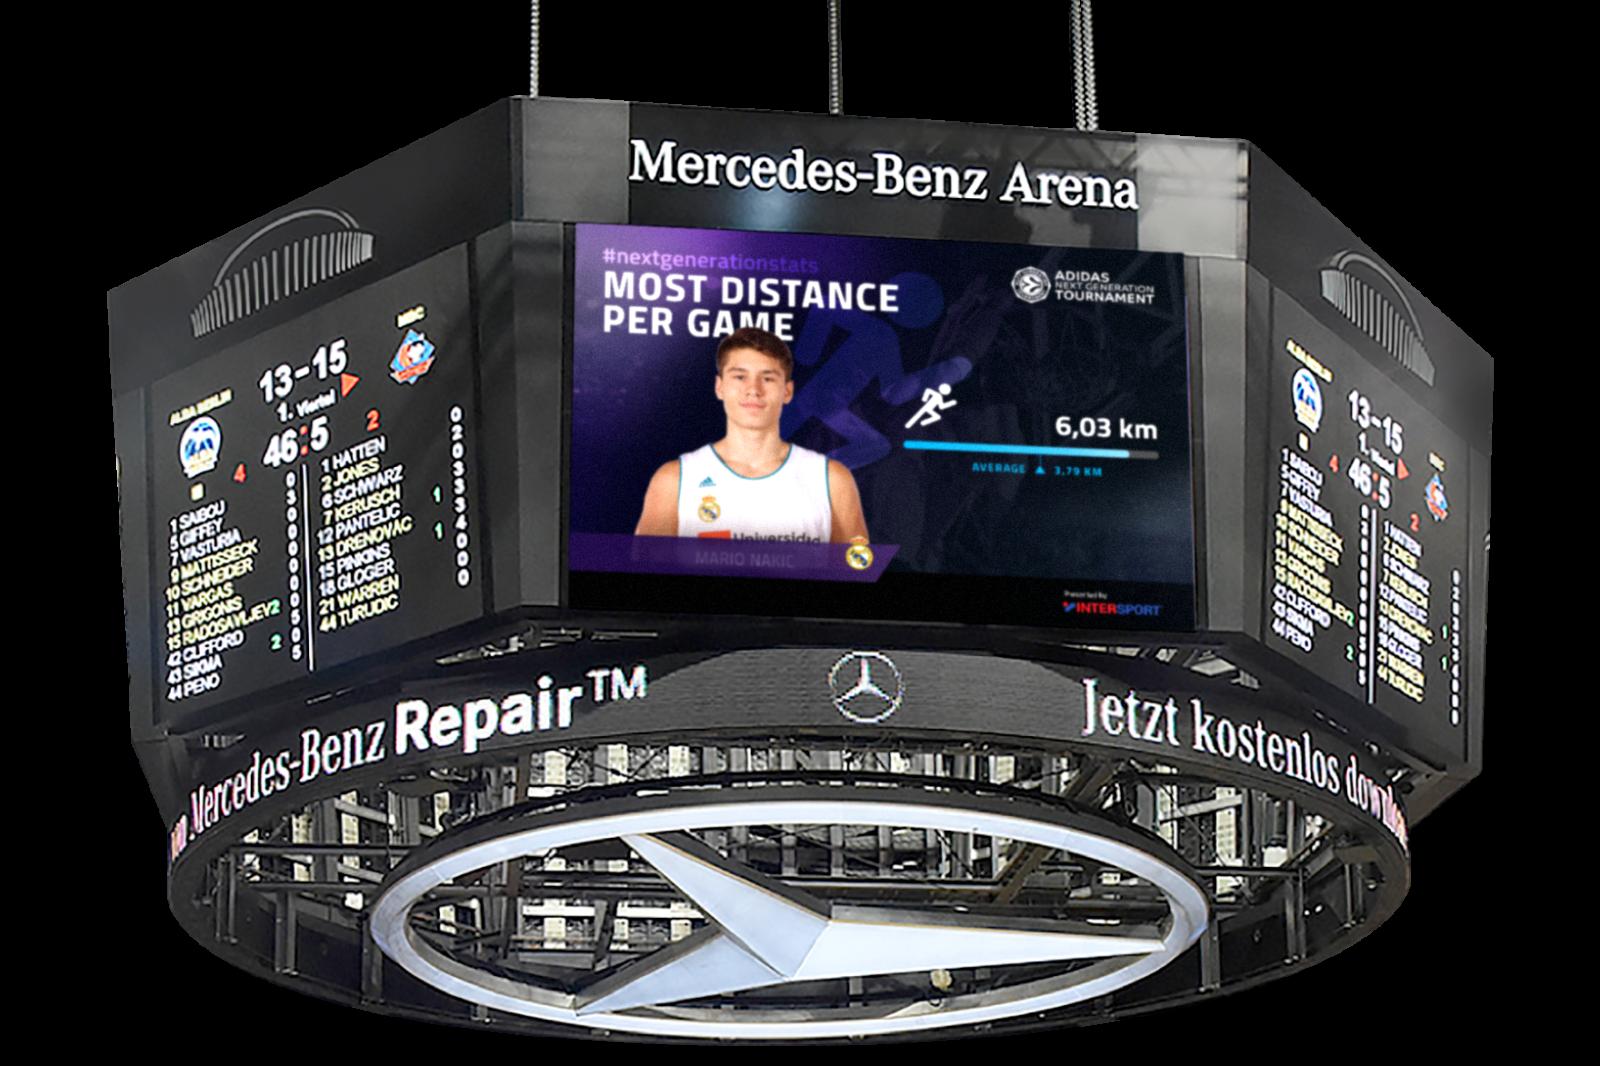 Media Daten im Stadion